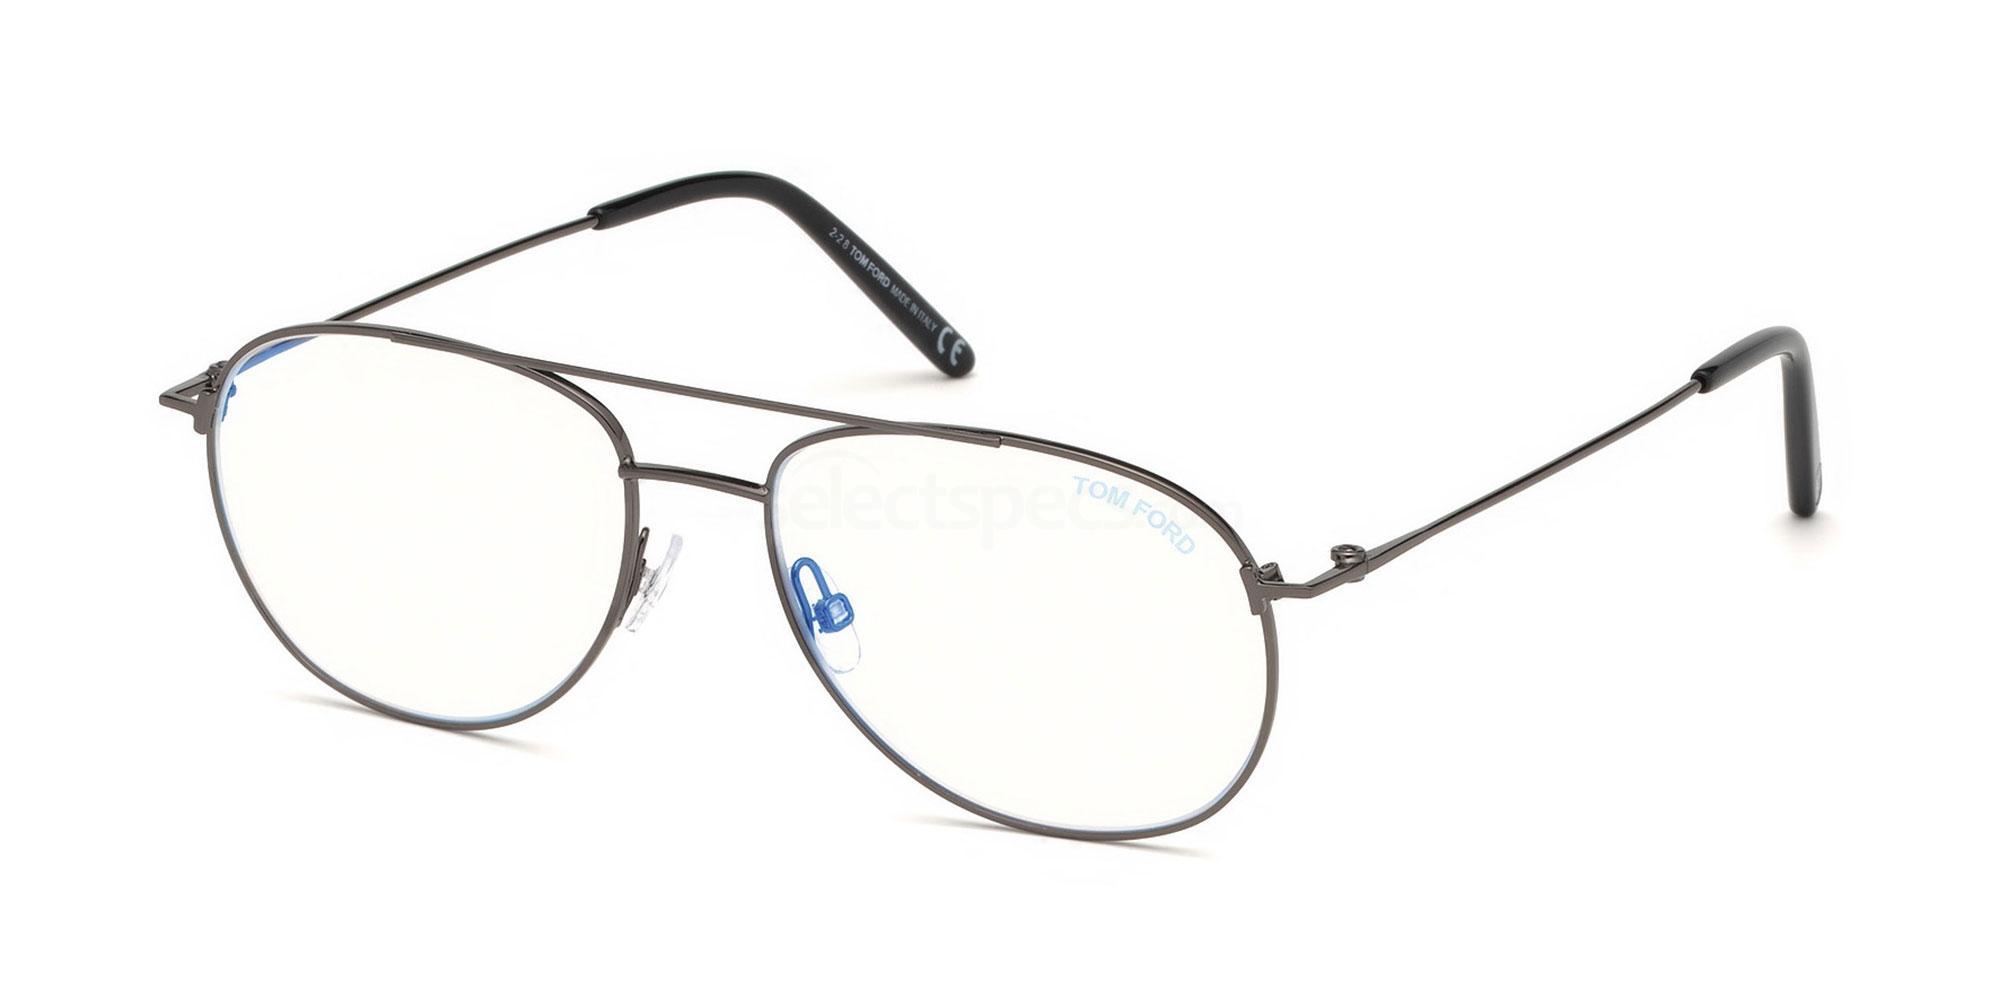 012 FT5581-B Glasses, Tom Ford